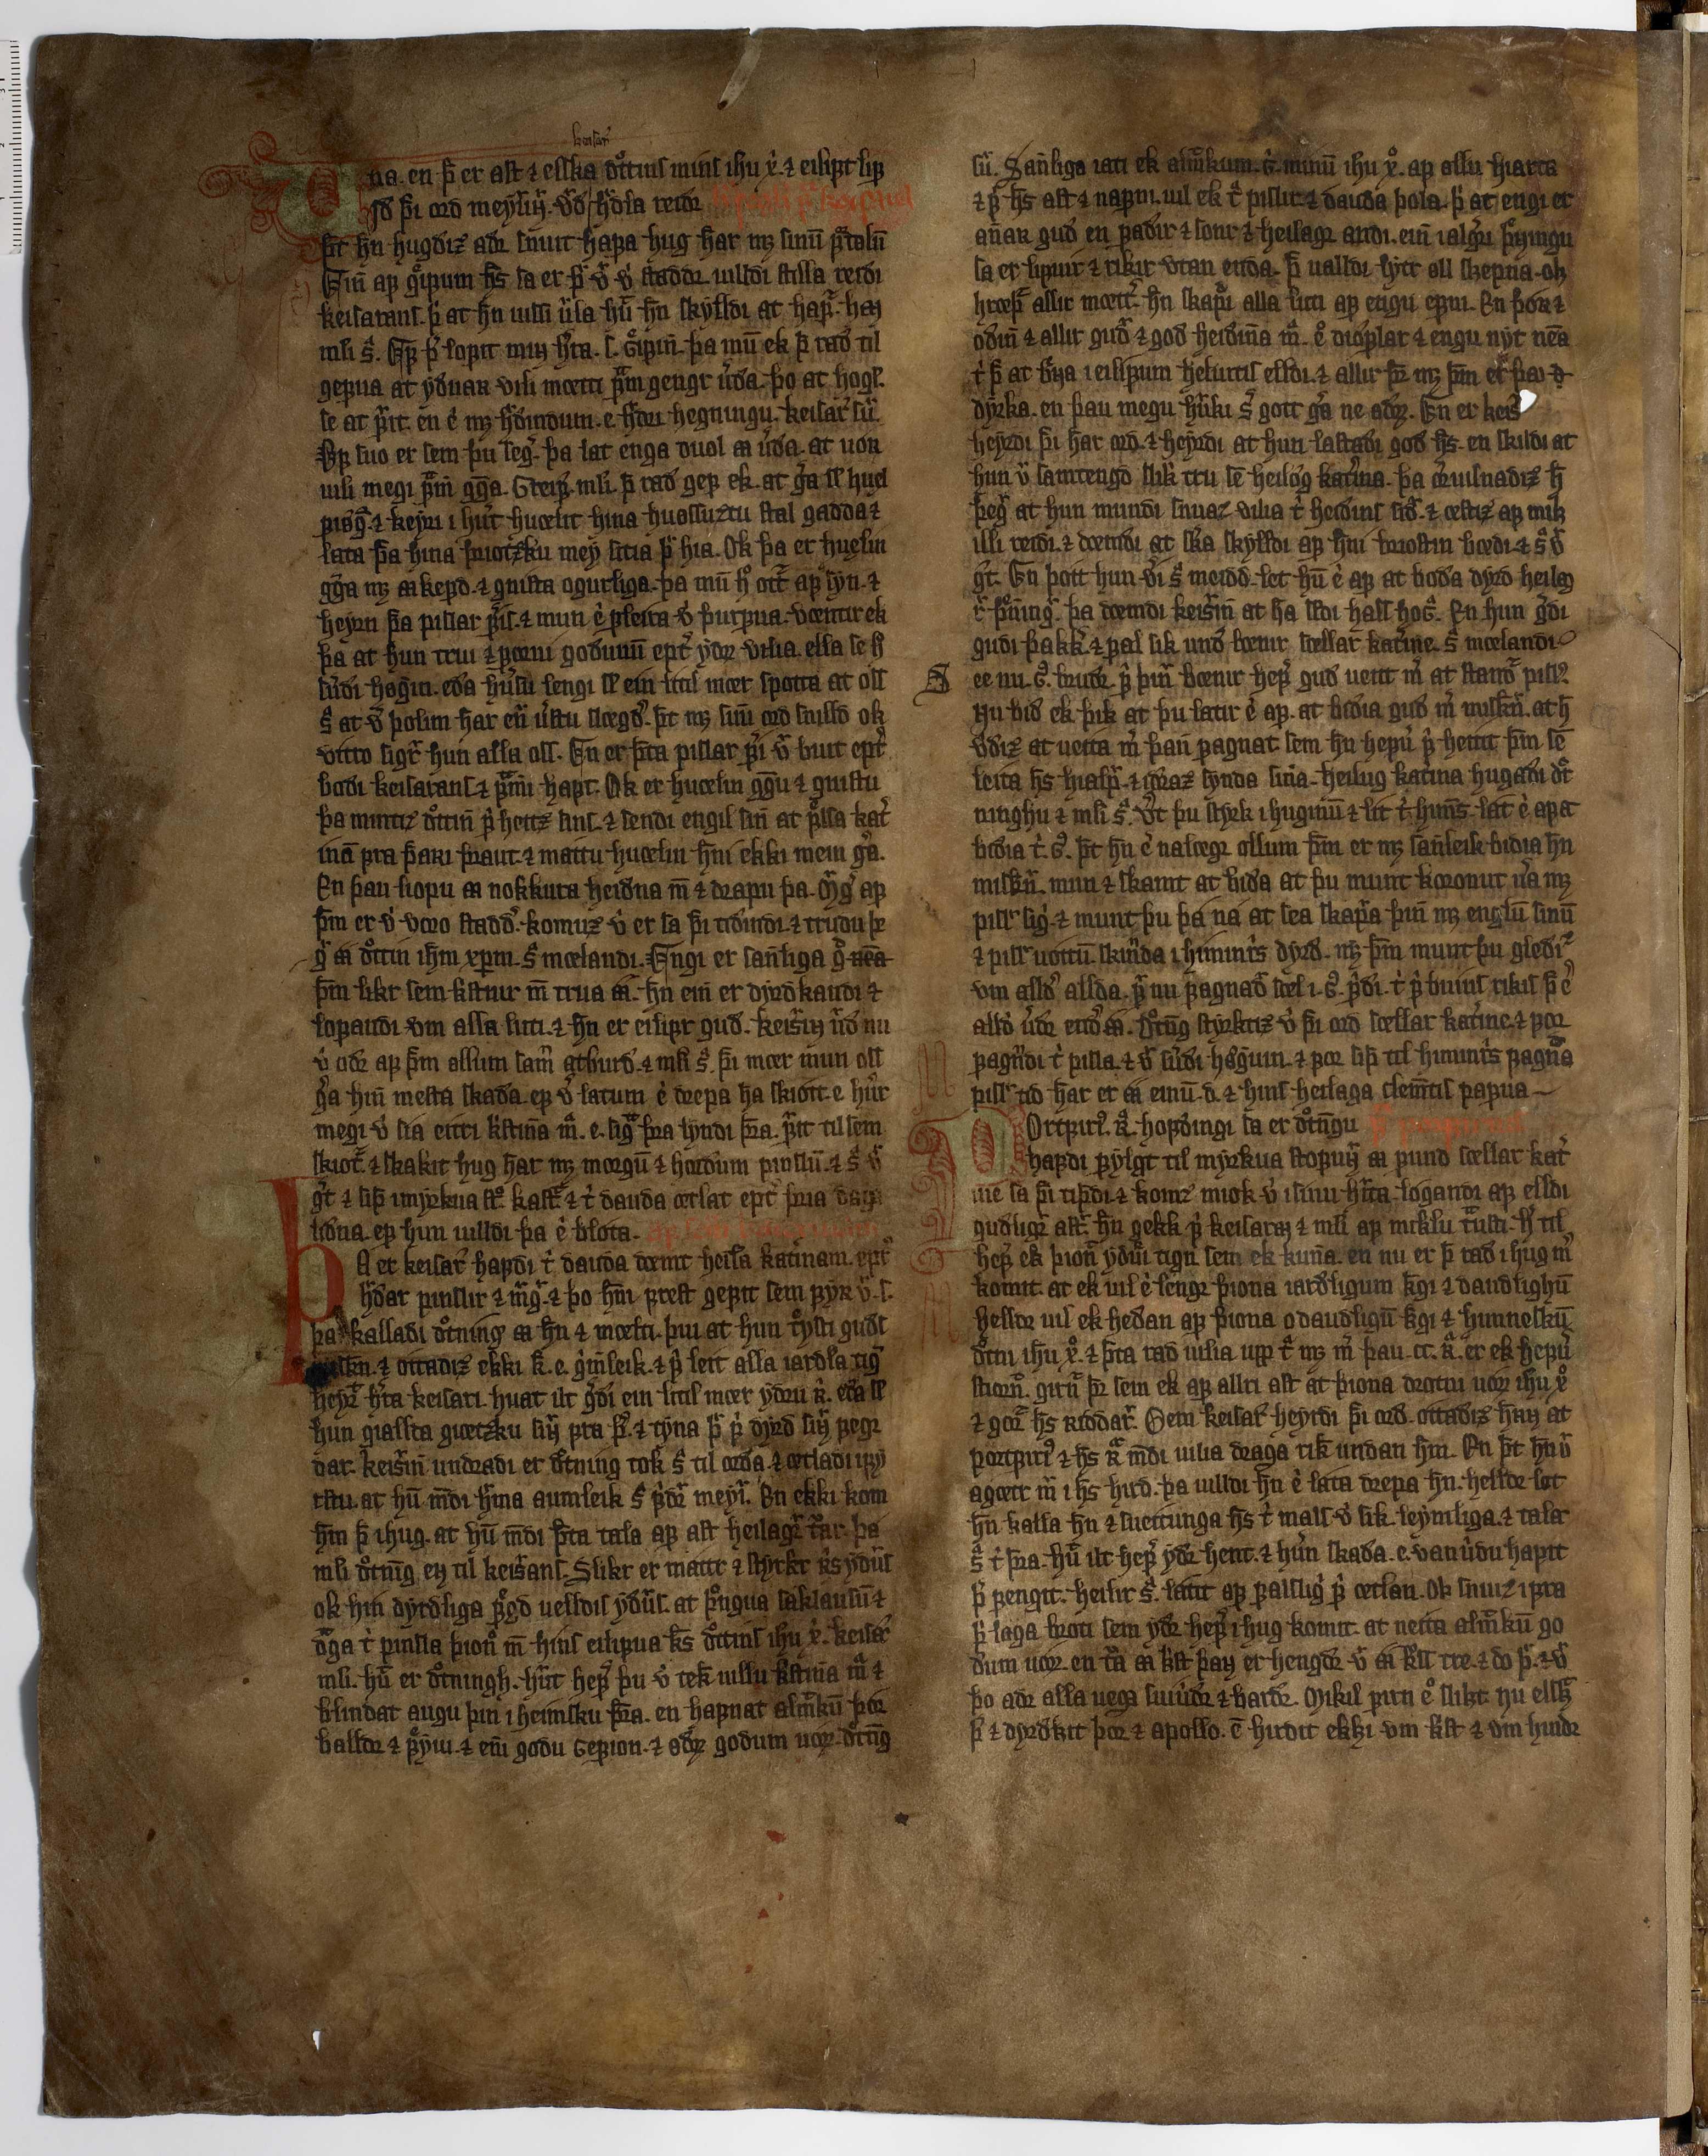 AM 233 a fol - 18v